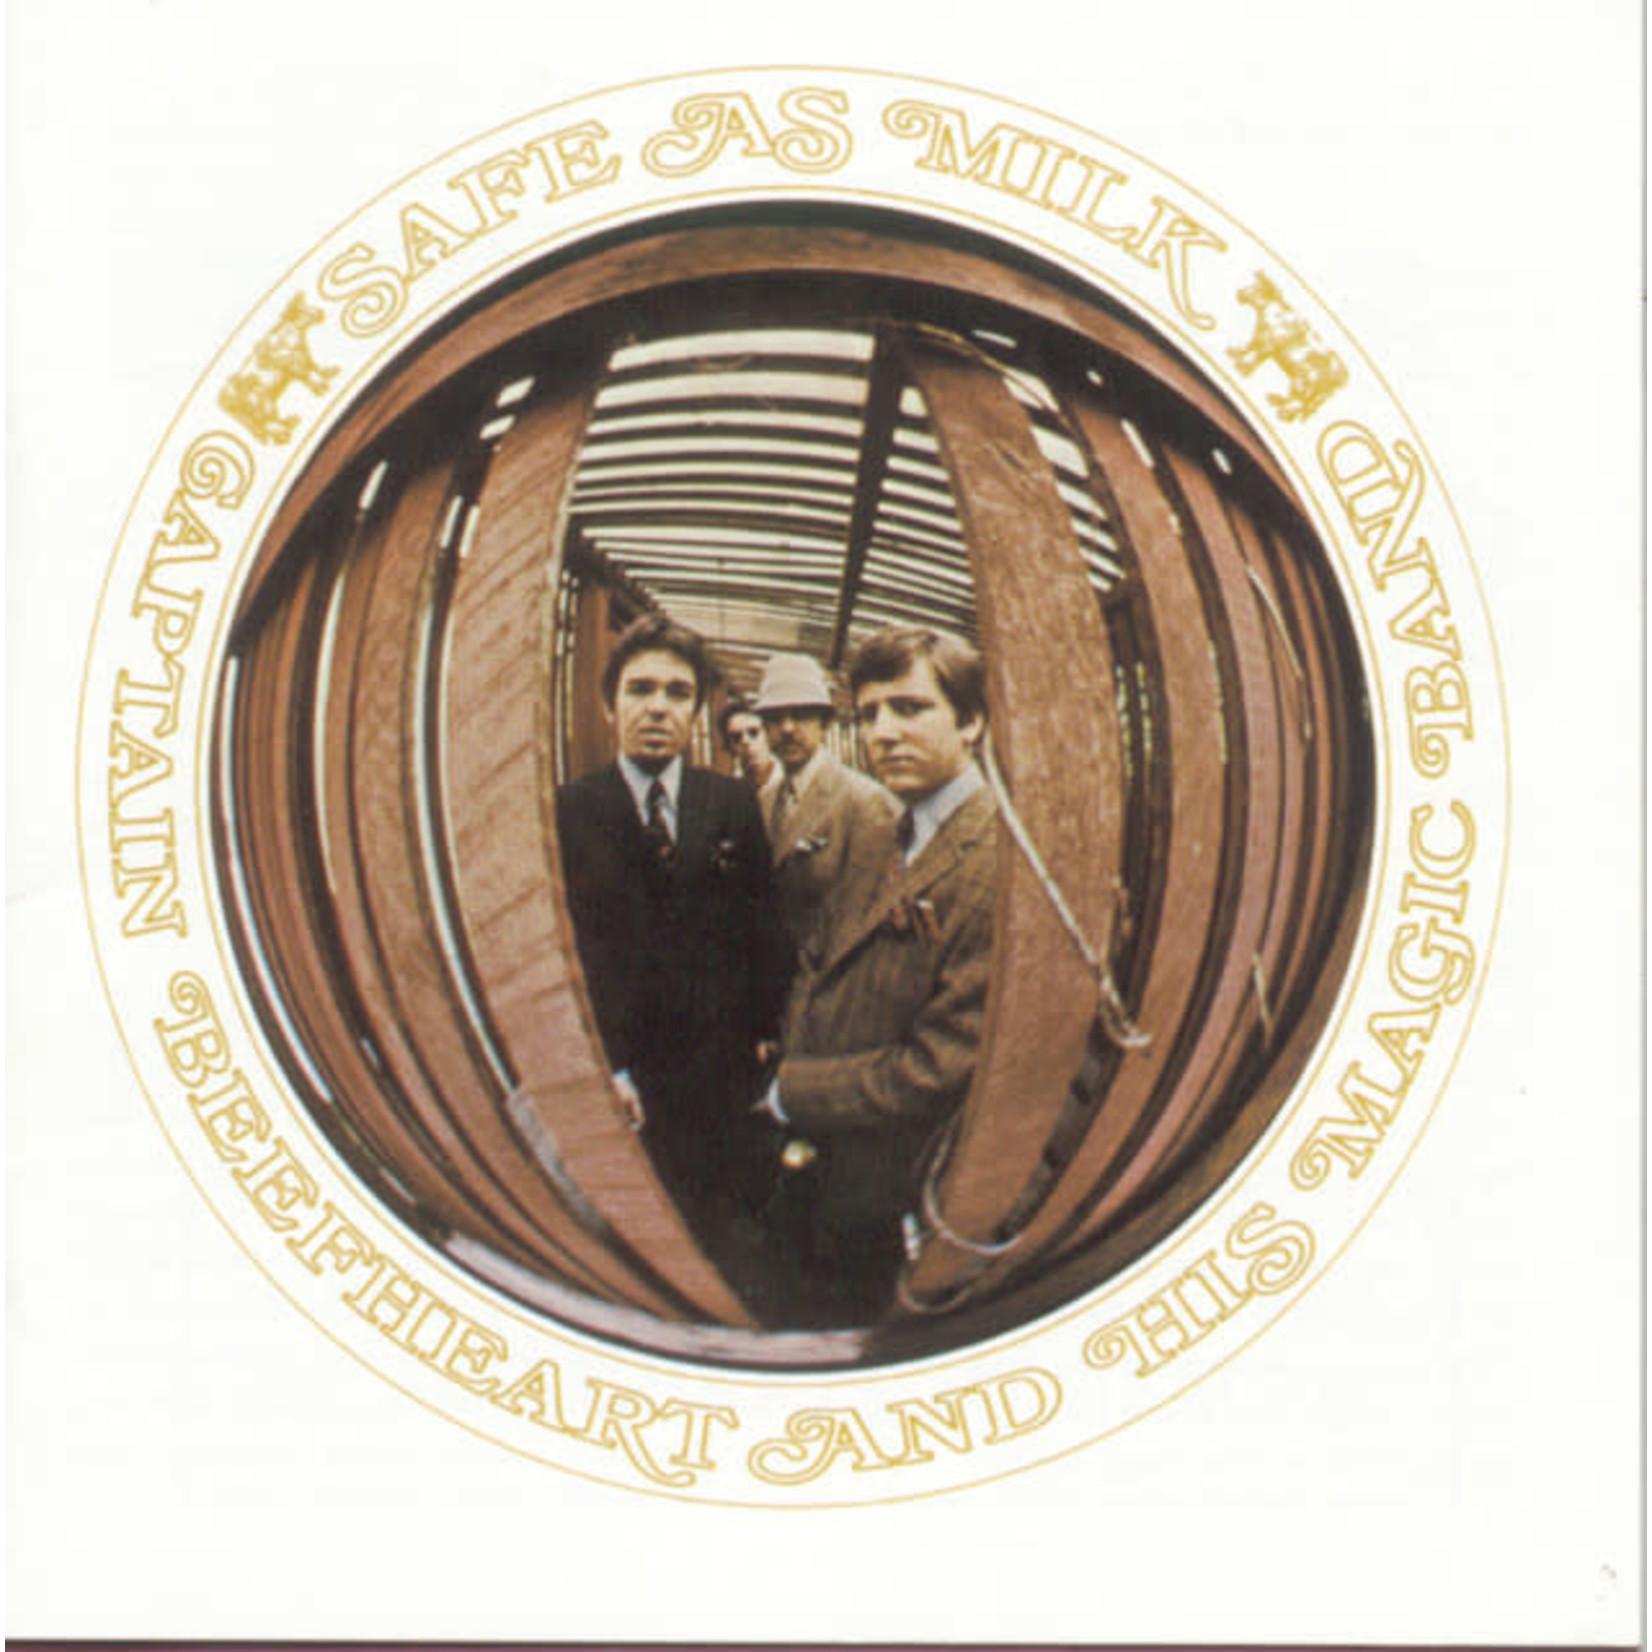 Vinyl Captain Beefheart - Safe As Milk (Mono) - Out of Print